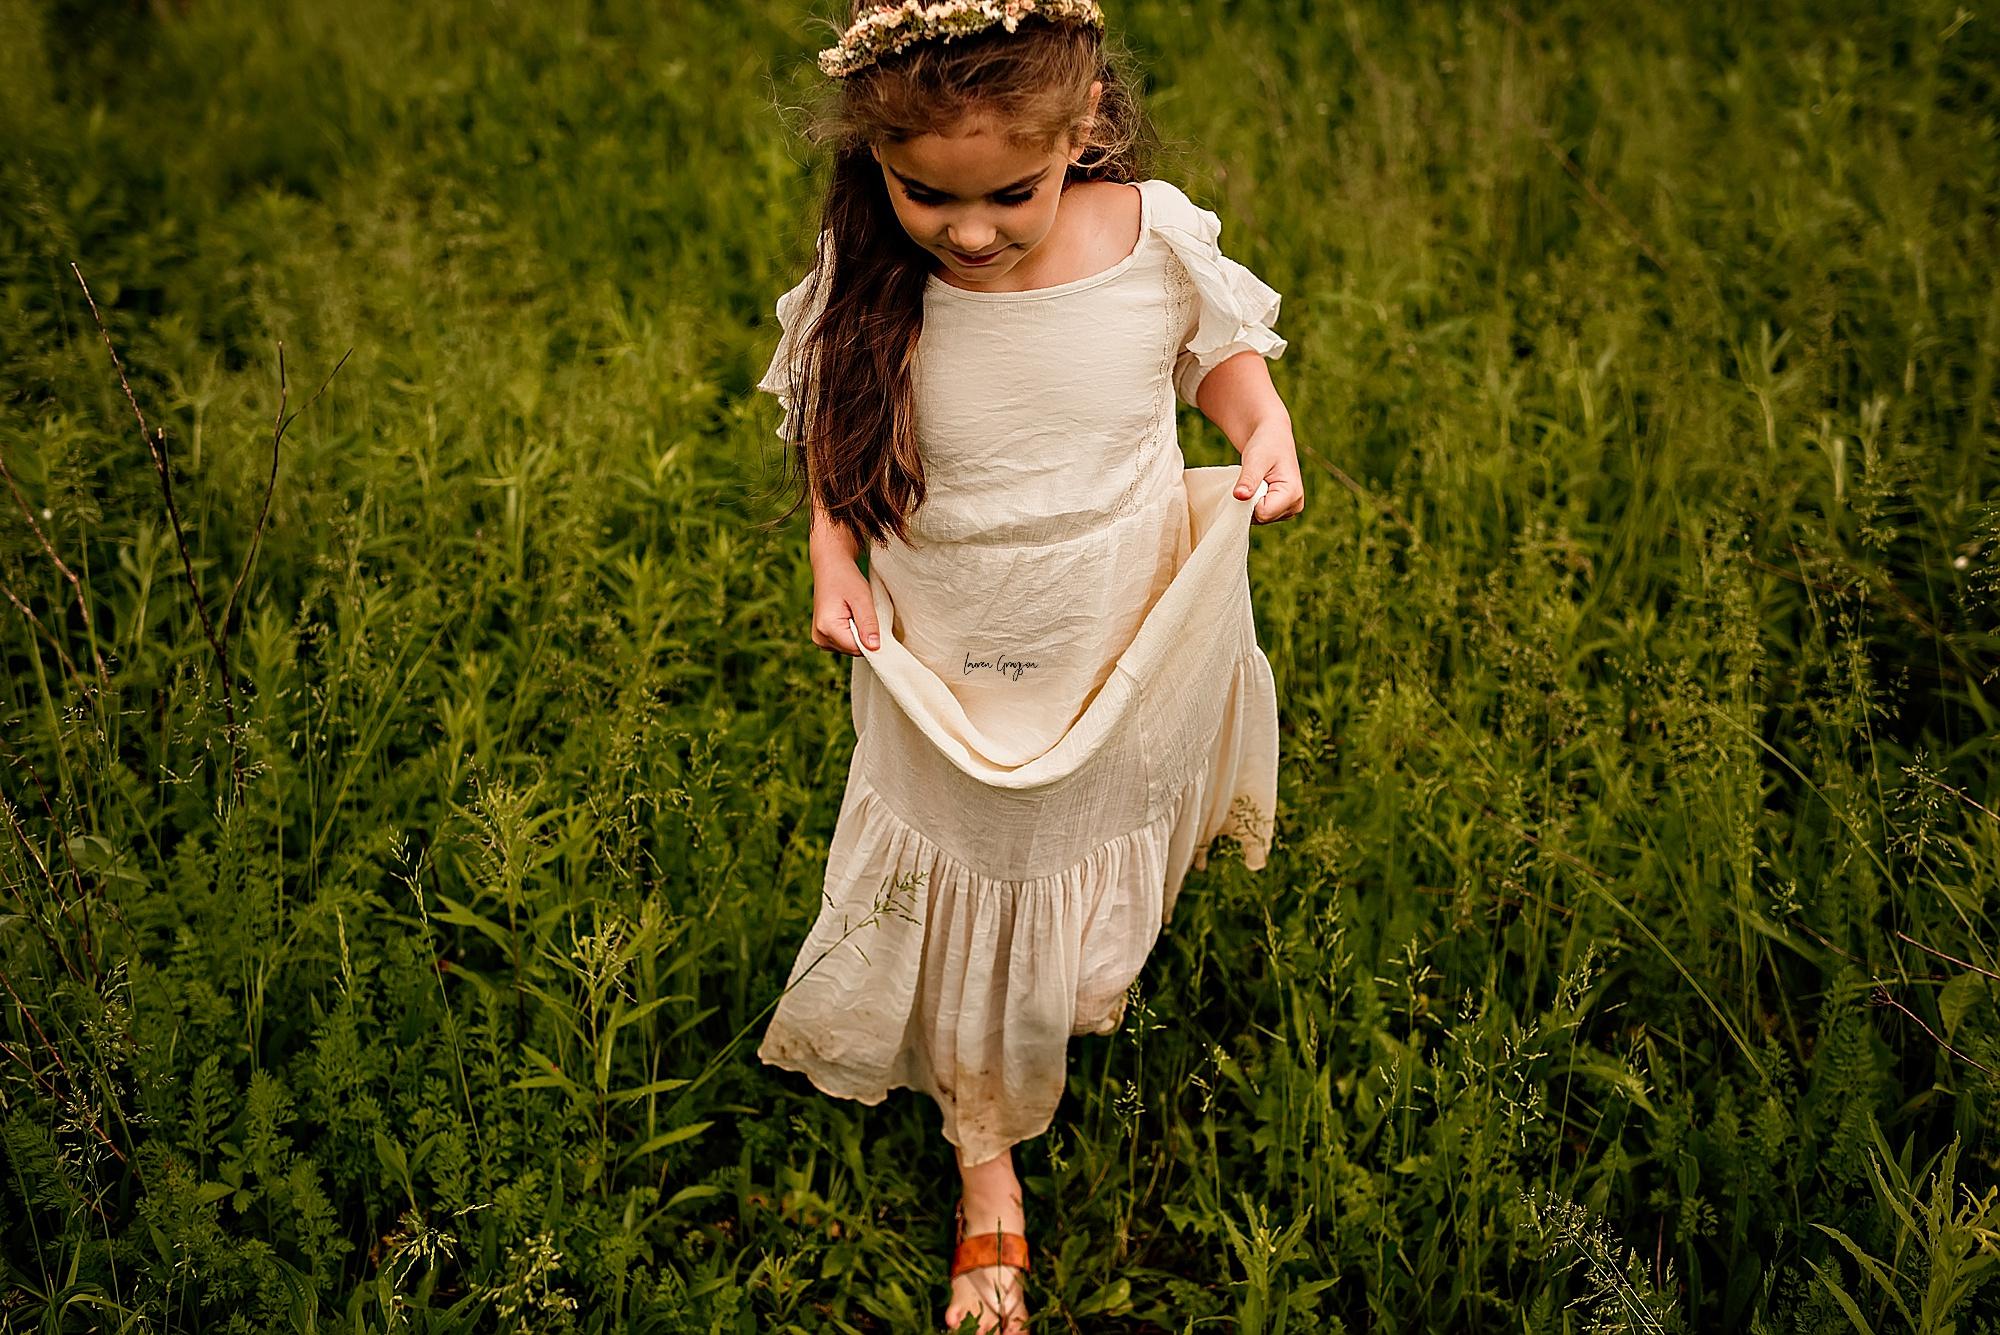 lauren-grayson-photography-akron-ridenour-family-summer-fields-sunset-session_0024.jpg